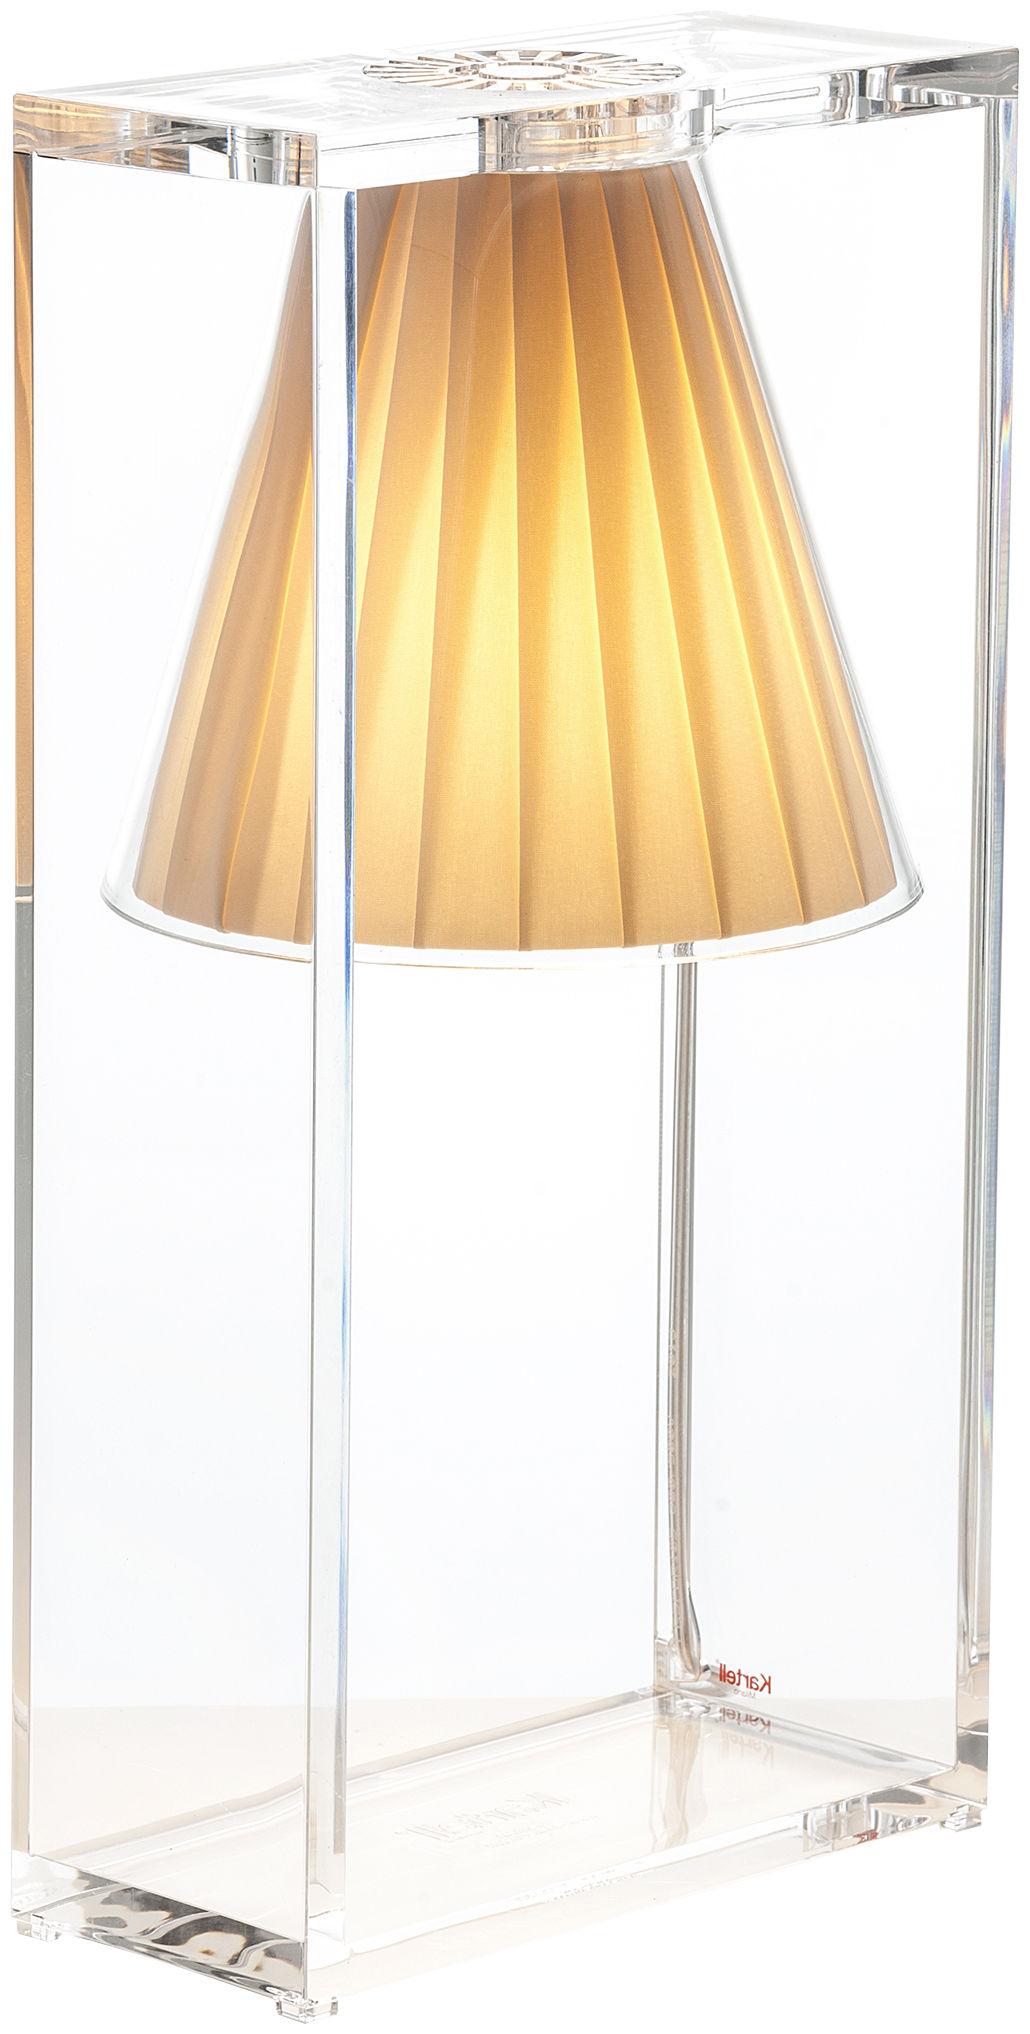 Leuchten - Tischleuchten - Light-Air Tischleuchte - Kartell - Beige - Gewebe, Technopolymère thermoplastique